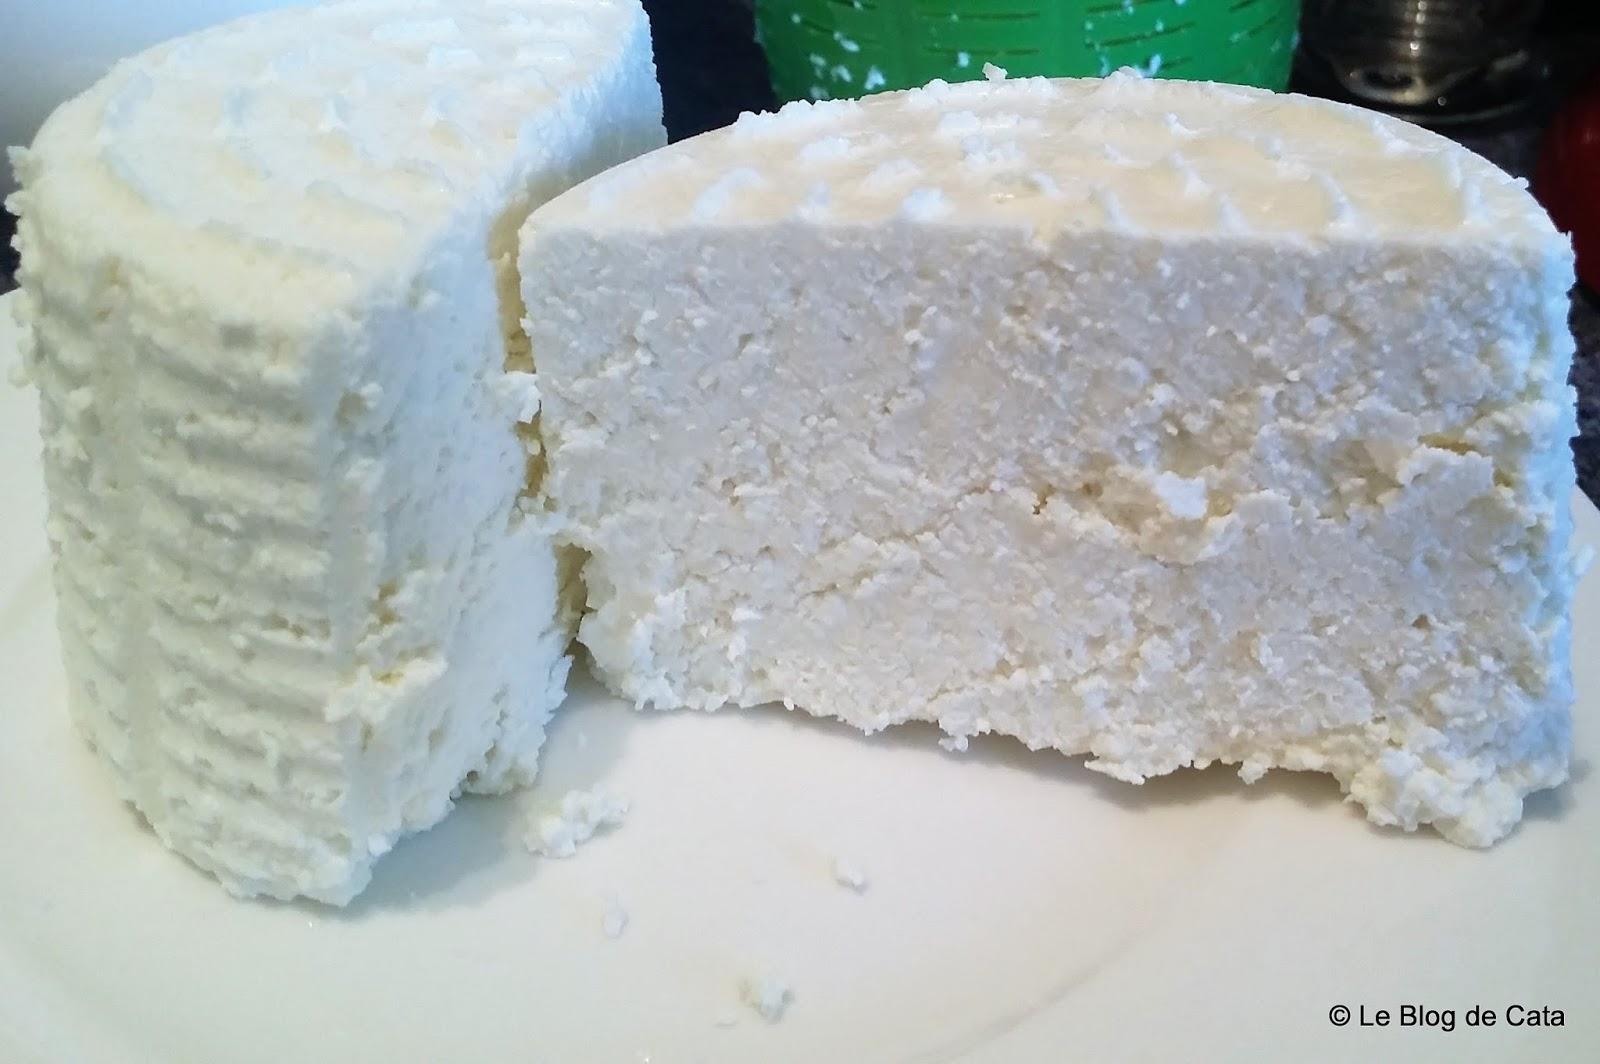 Le blog de Cata: Strudel au fromage et framboises